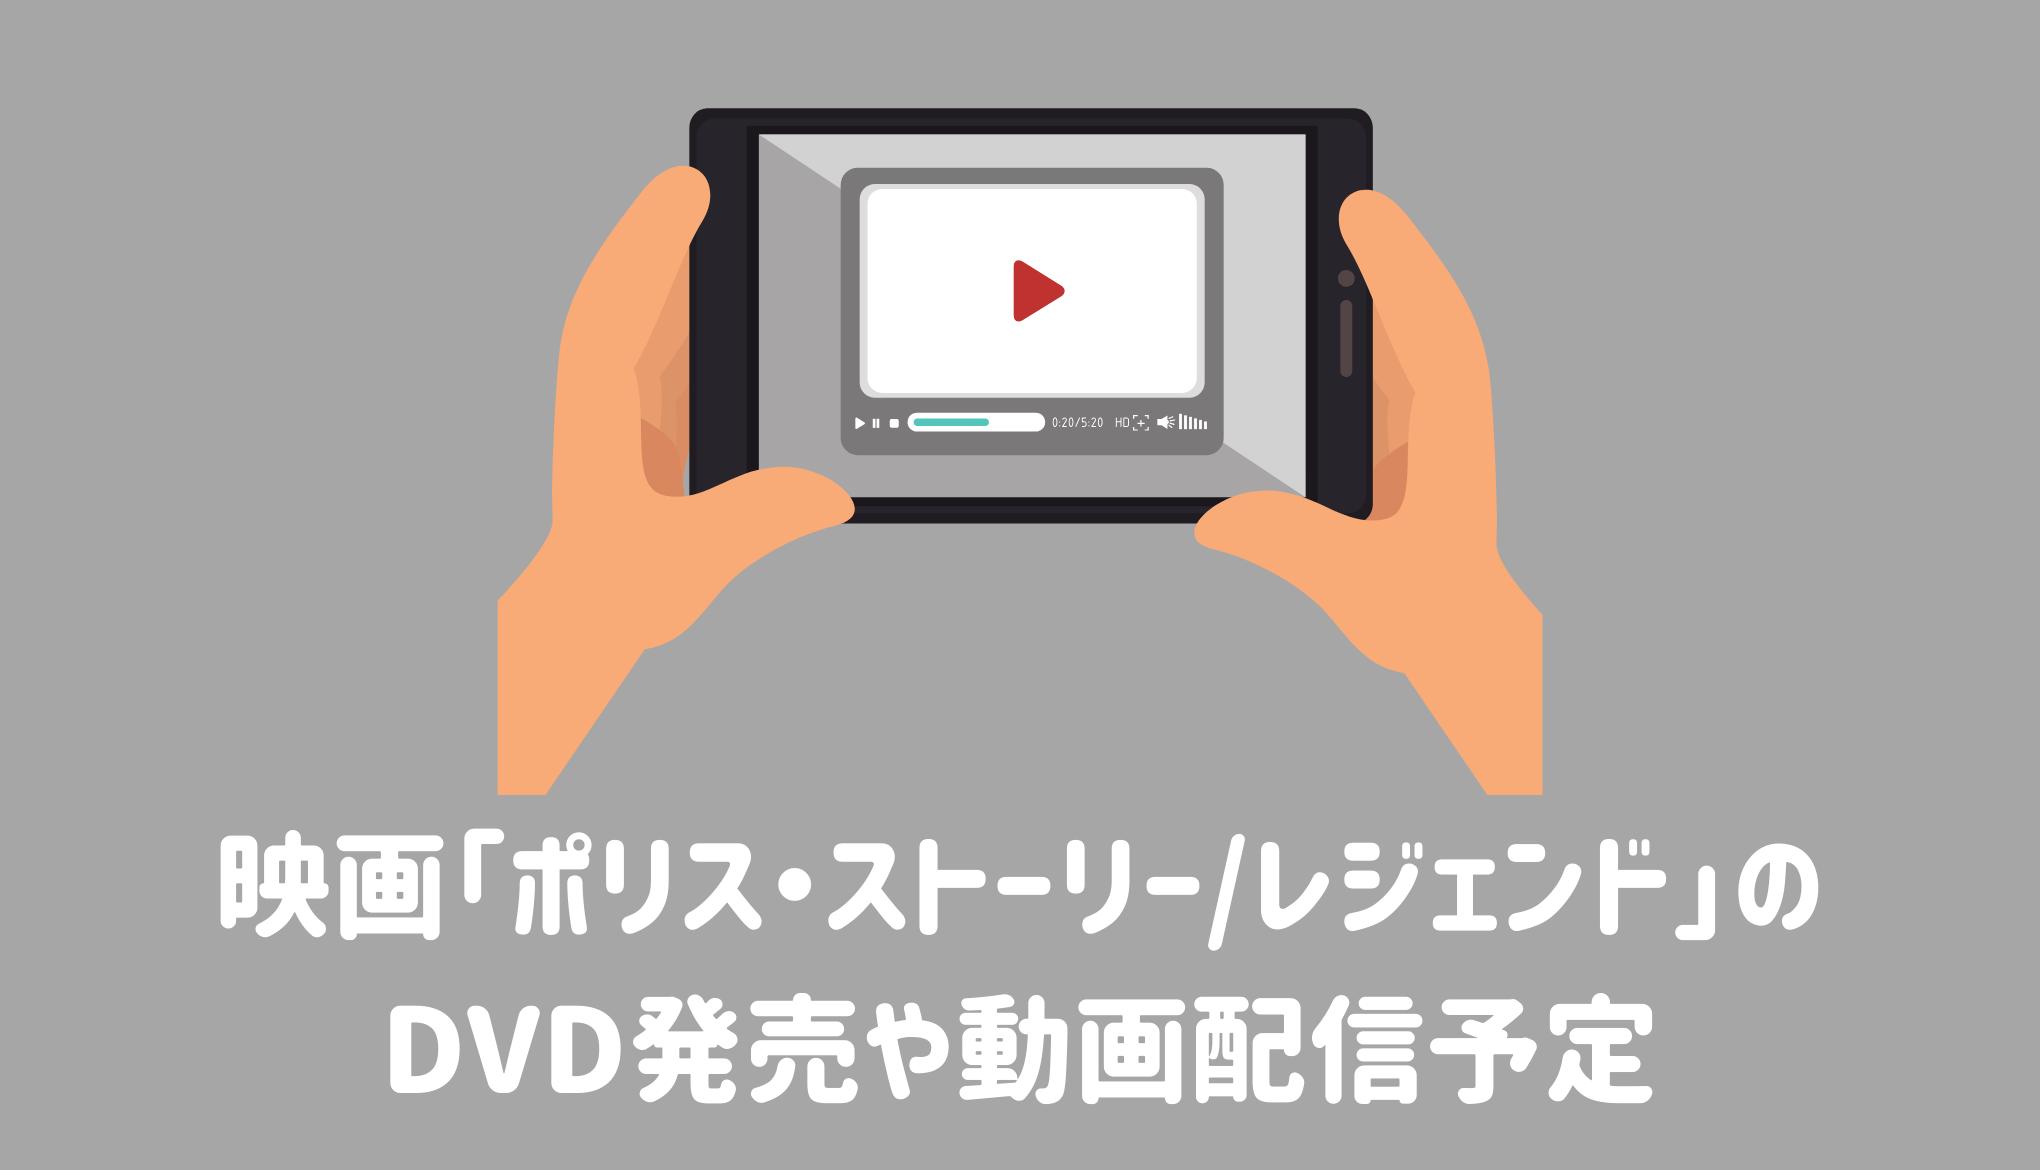 映画「ポリス・ストーリー/レジェンド」のDVD発売や動画配信サービスをチェック